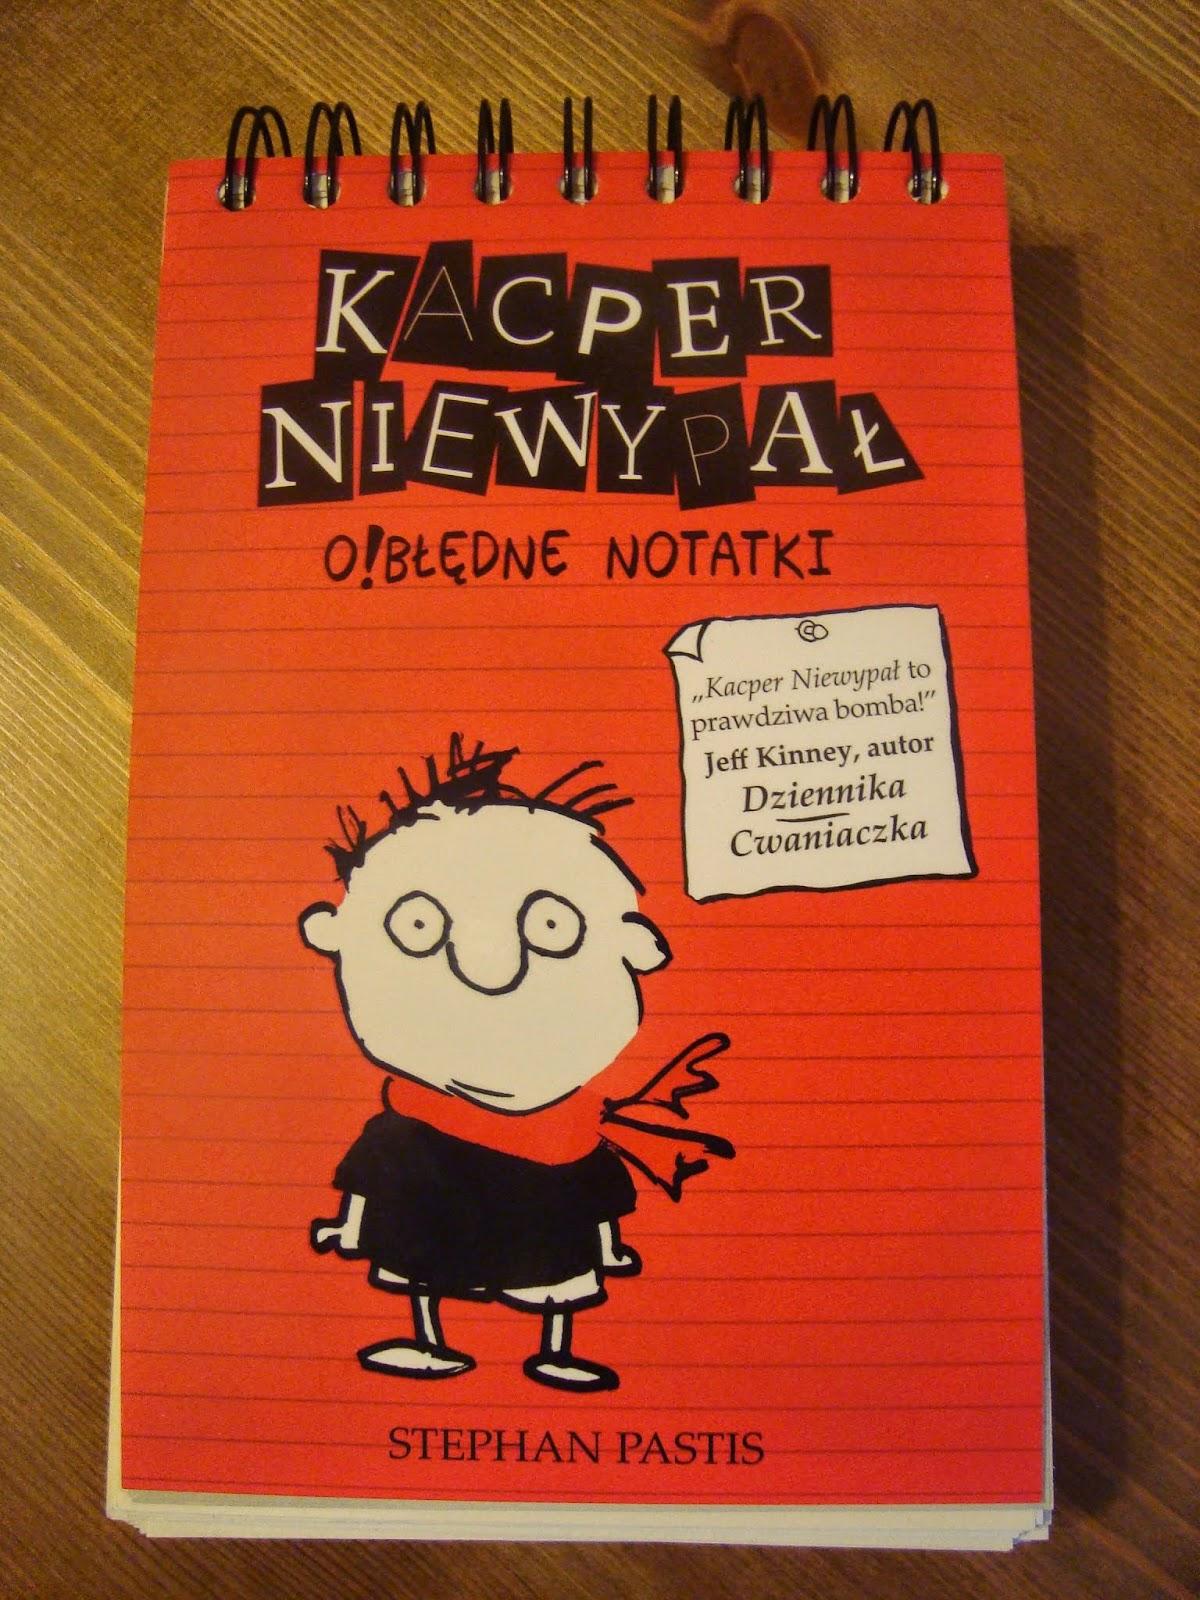 kacper niewypał, o!błędne notatki, recenzja, znak